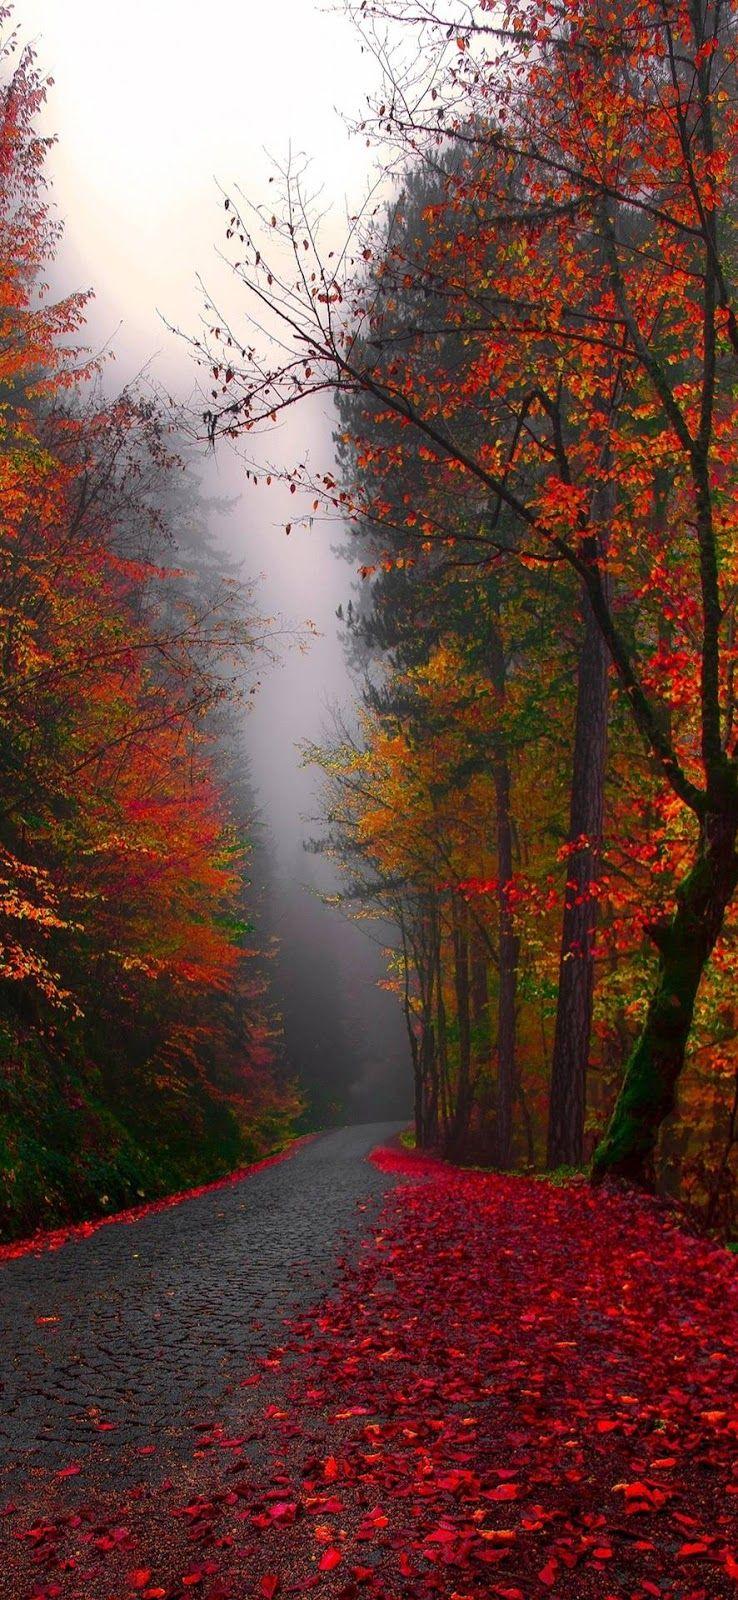 Autumn Rain Hd Wallpaper Autumn Rain Seasons Autumn Day